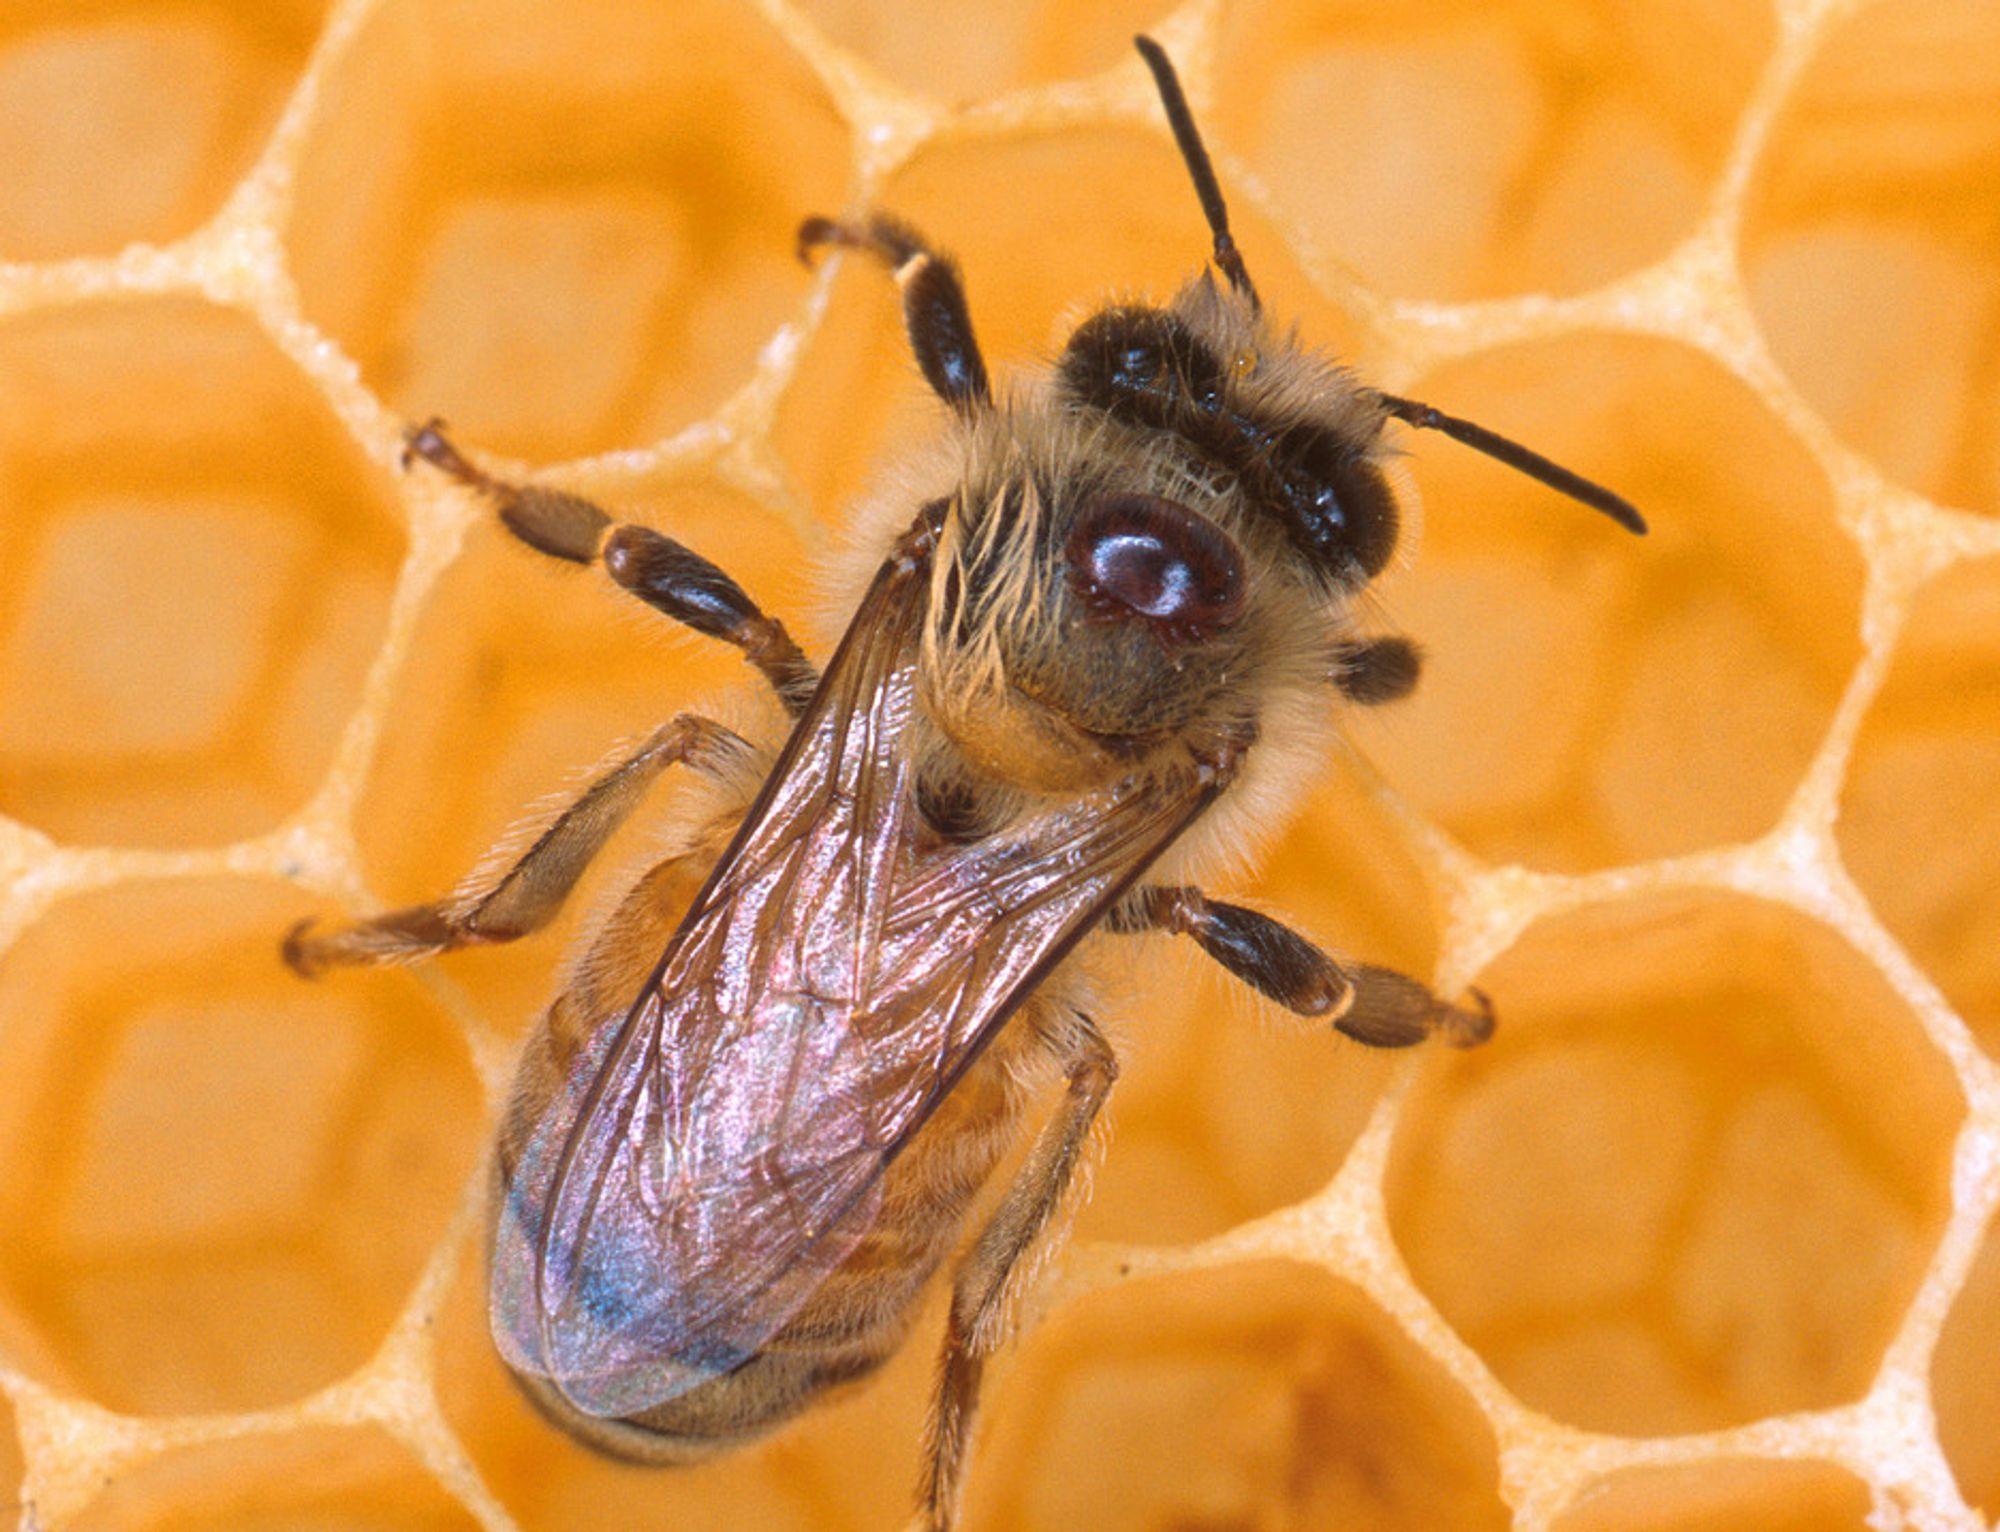 TRENES TIL KRIG: Dette er en representant for USAs nye luftforsvar: En honningglad bie.